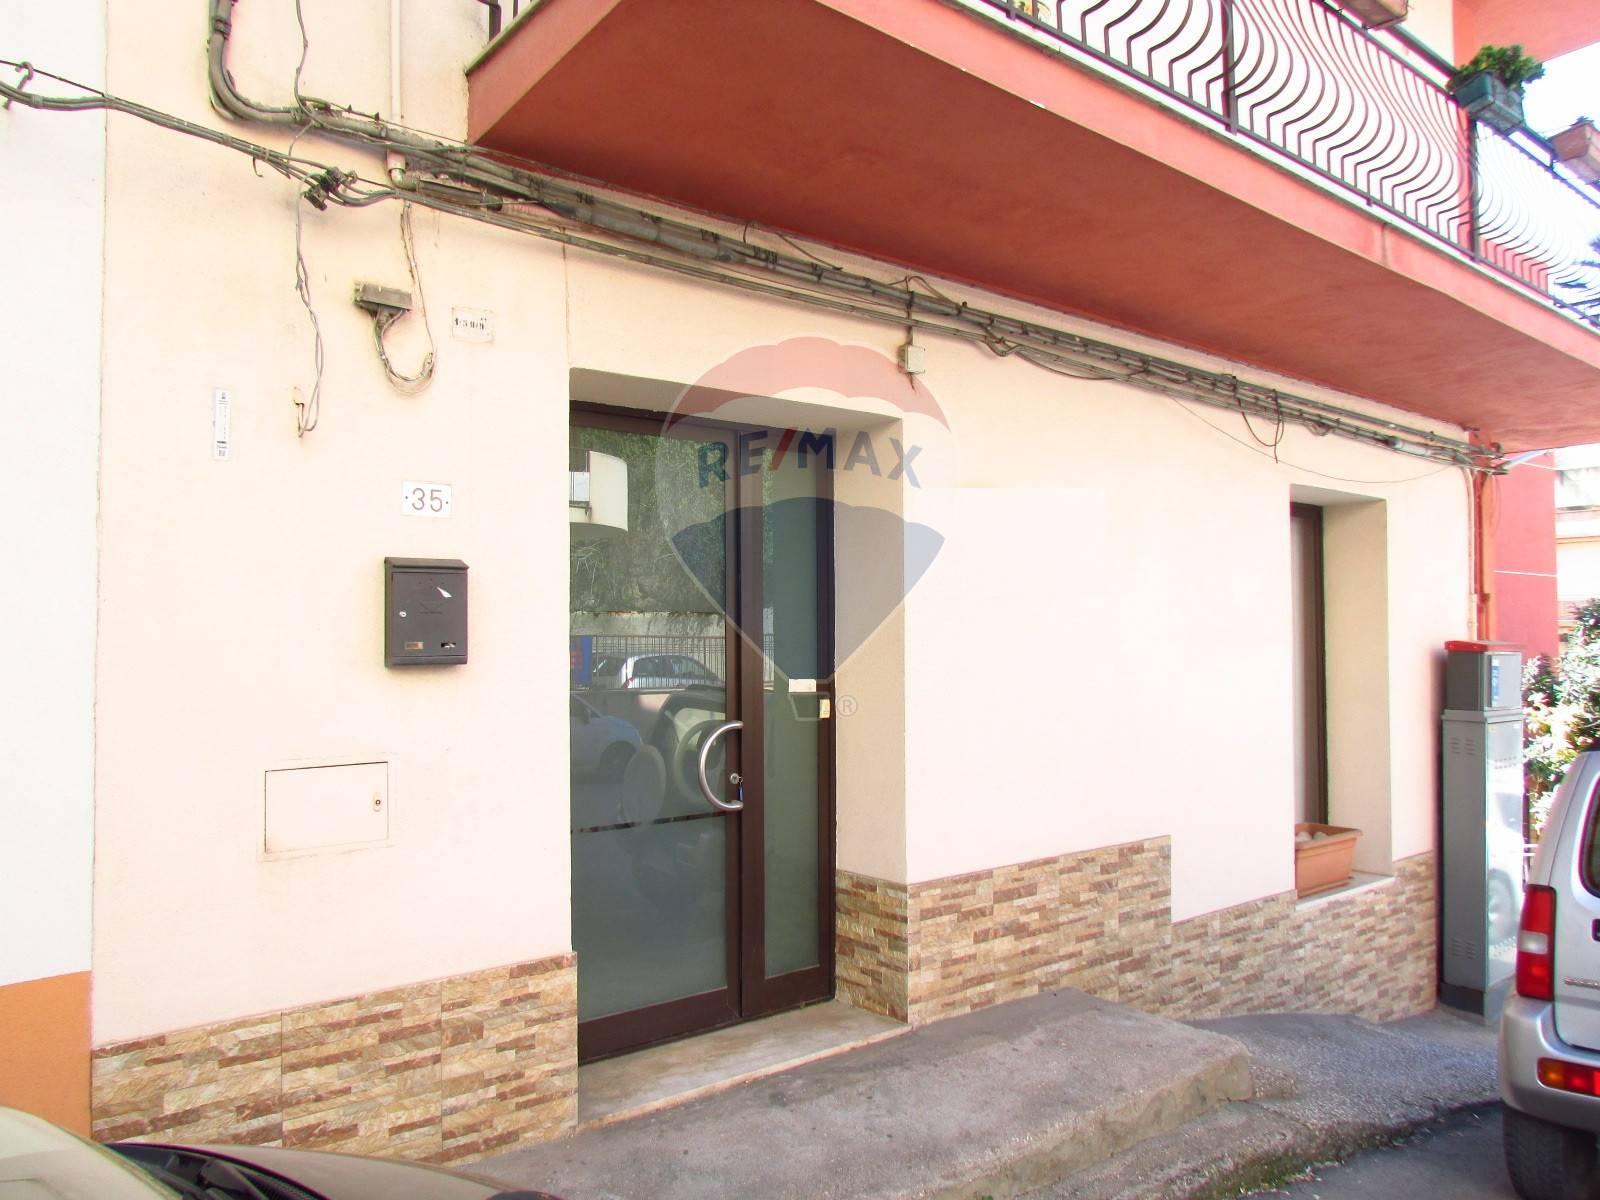 Ufficio in affitto a Sciacca (AG)